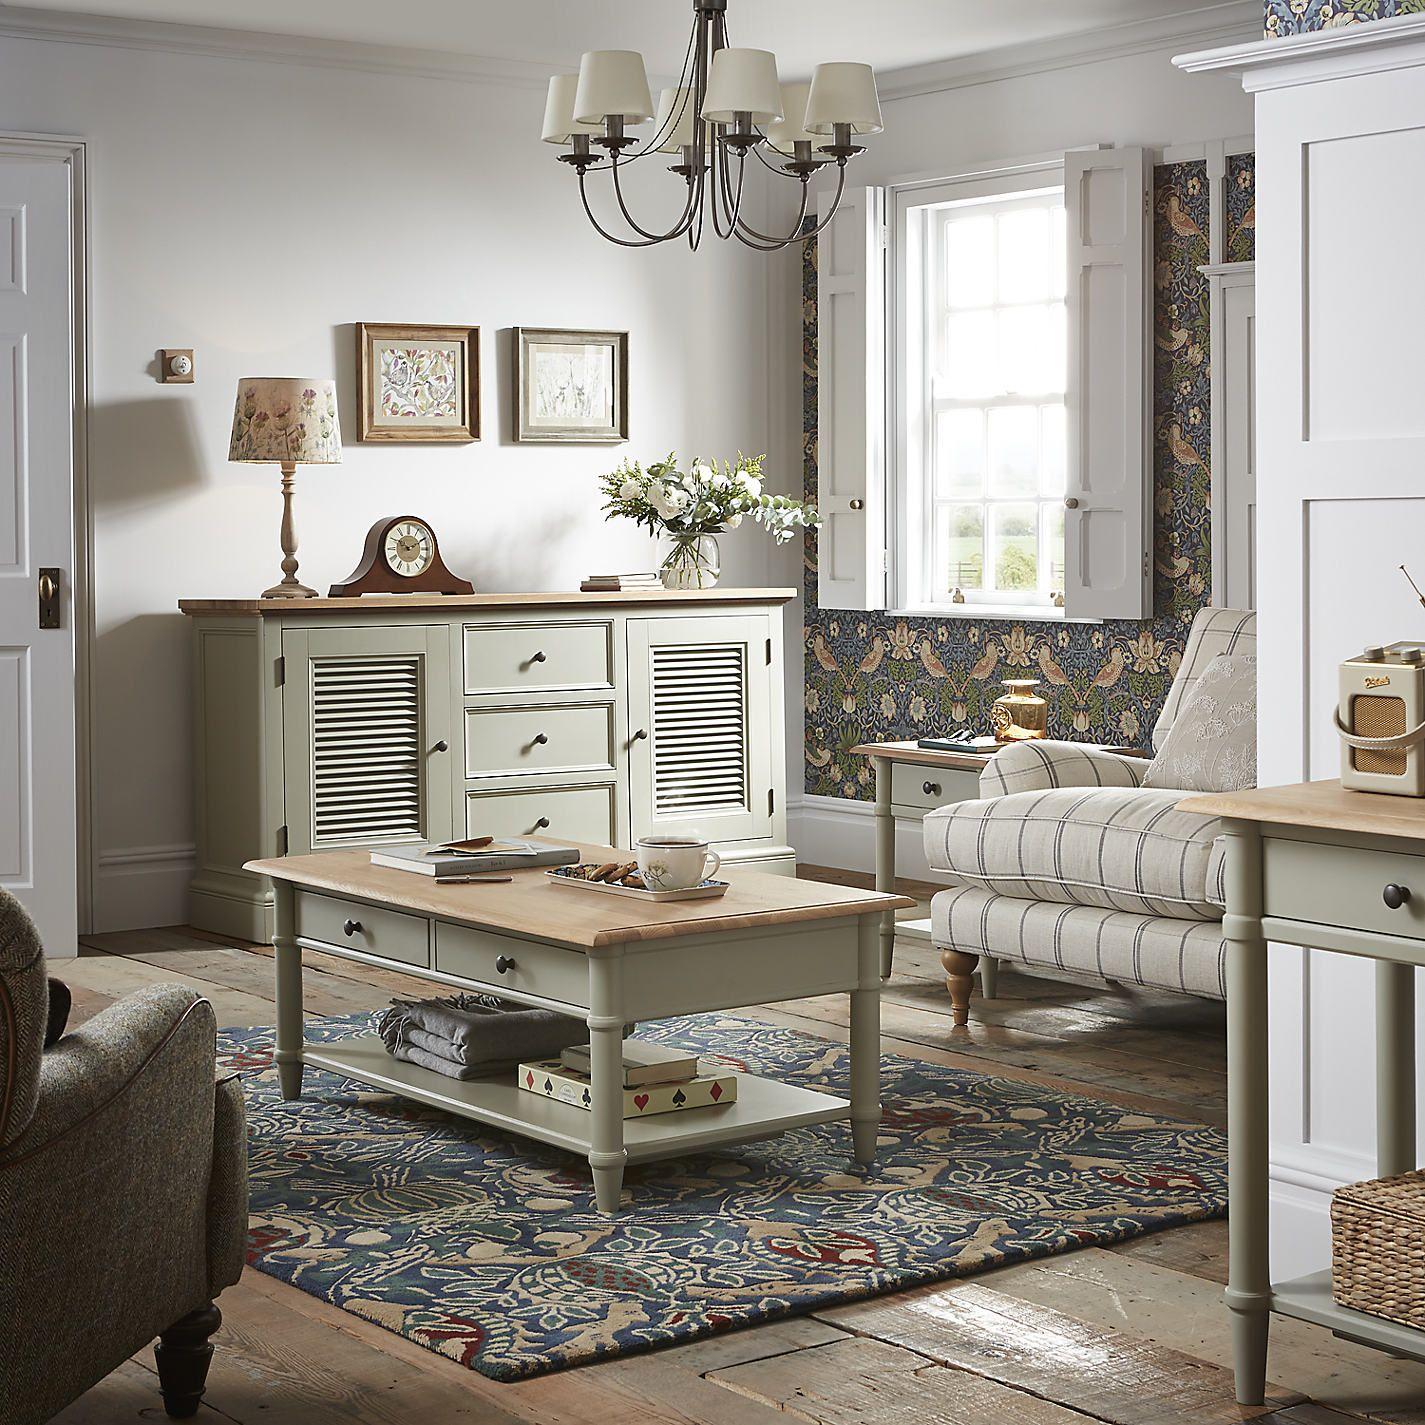 Buy John Lewis Stockbridge Range from our Living Room Furniture ...